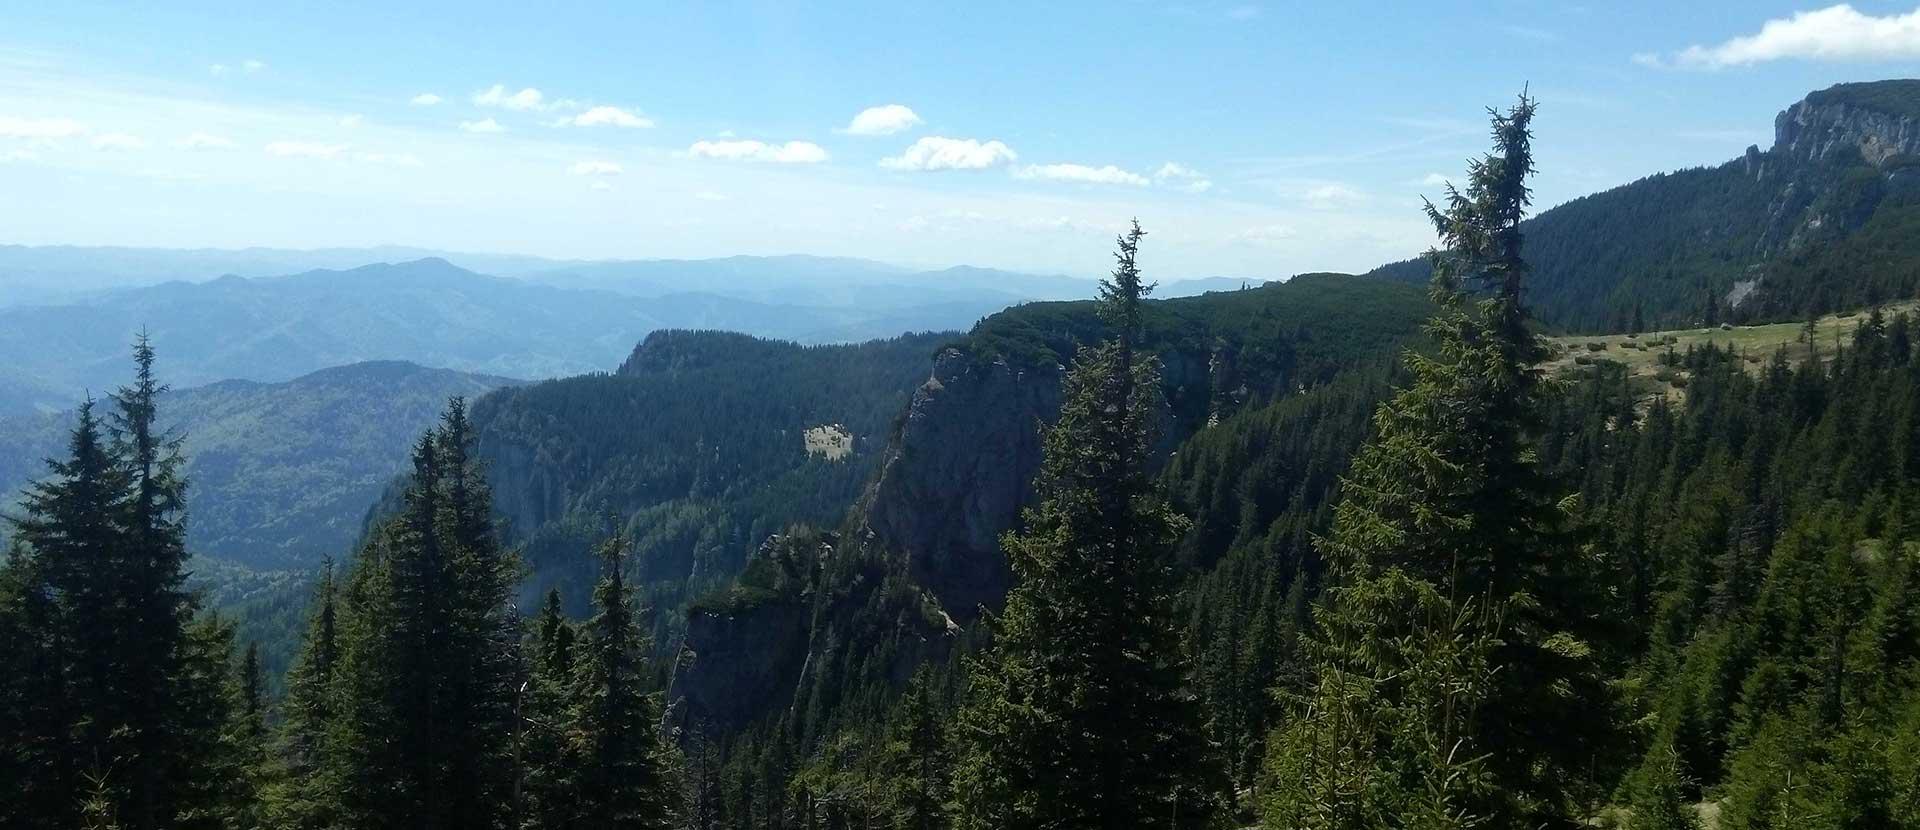 Ceahlau Mountains and Suhardul Mic peak